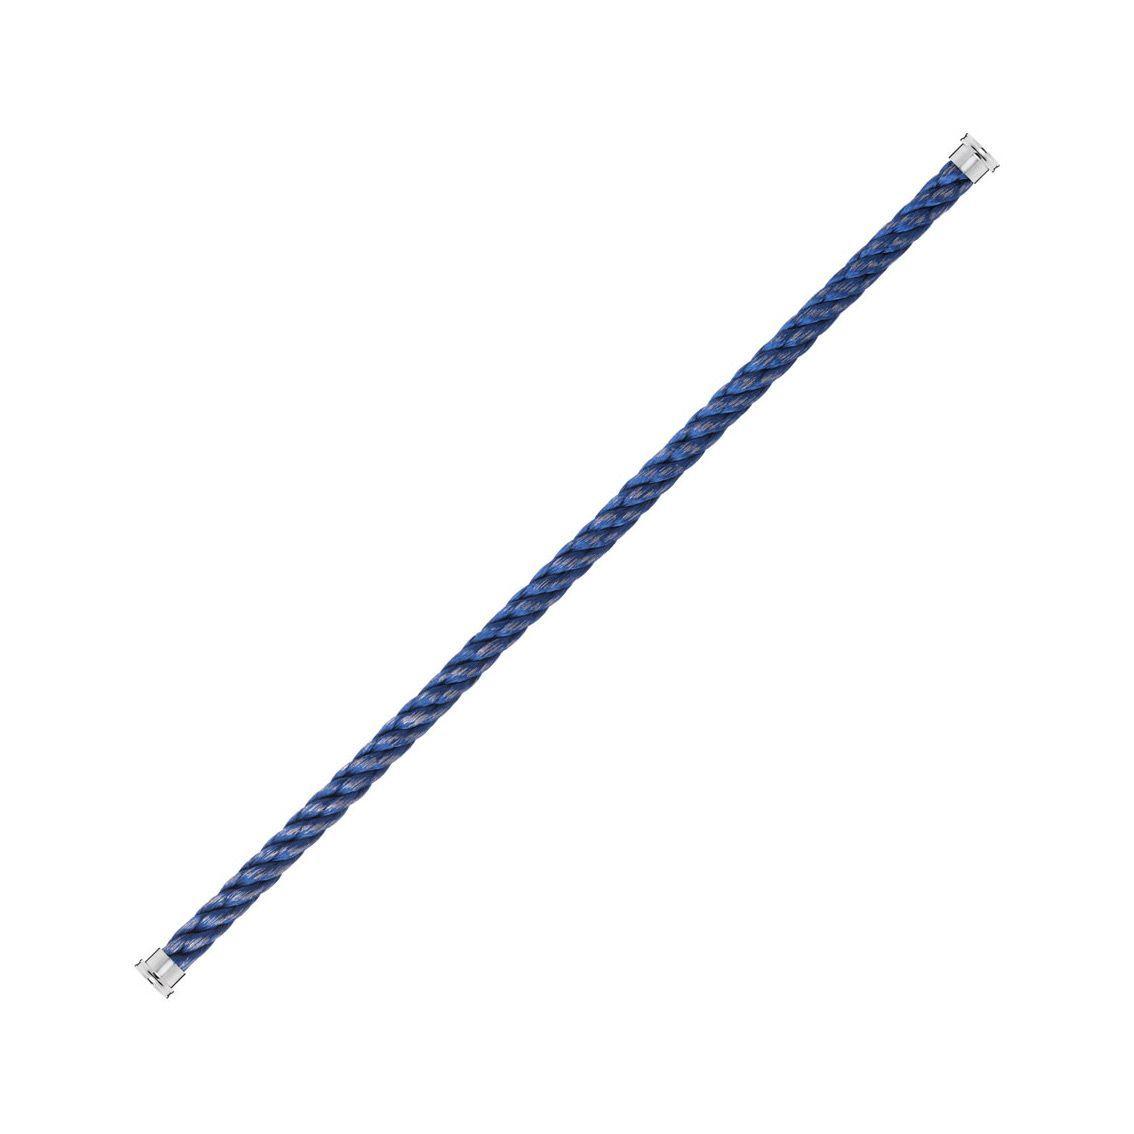 Câble grand modèle pour bracelet FRED Force 10 bleu en Acier avec embouts acier vue 1